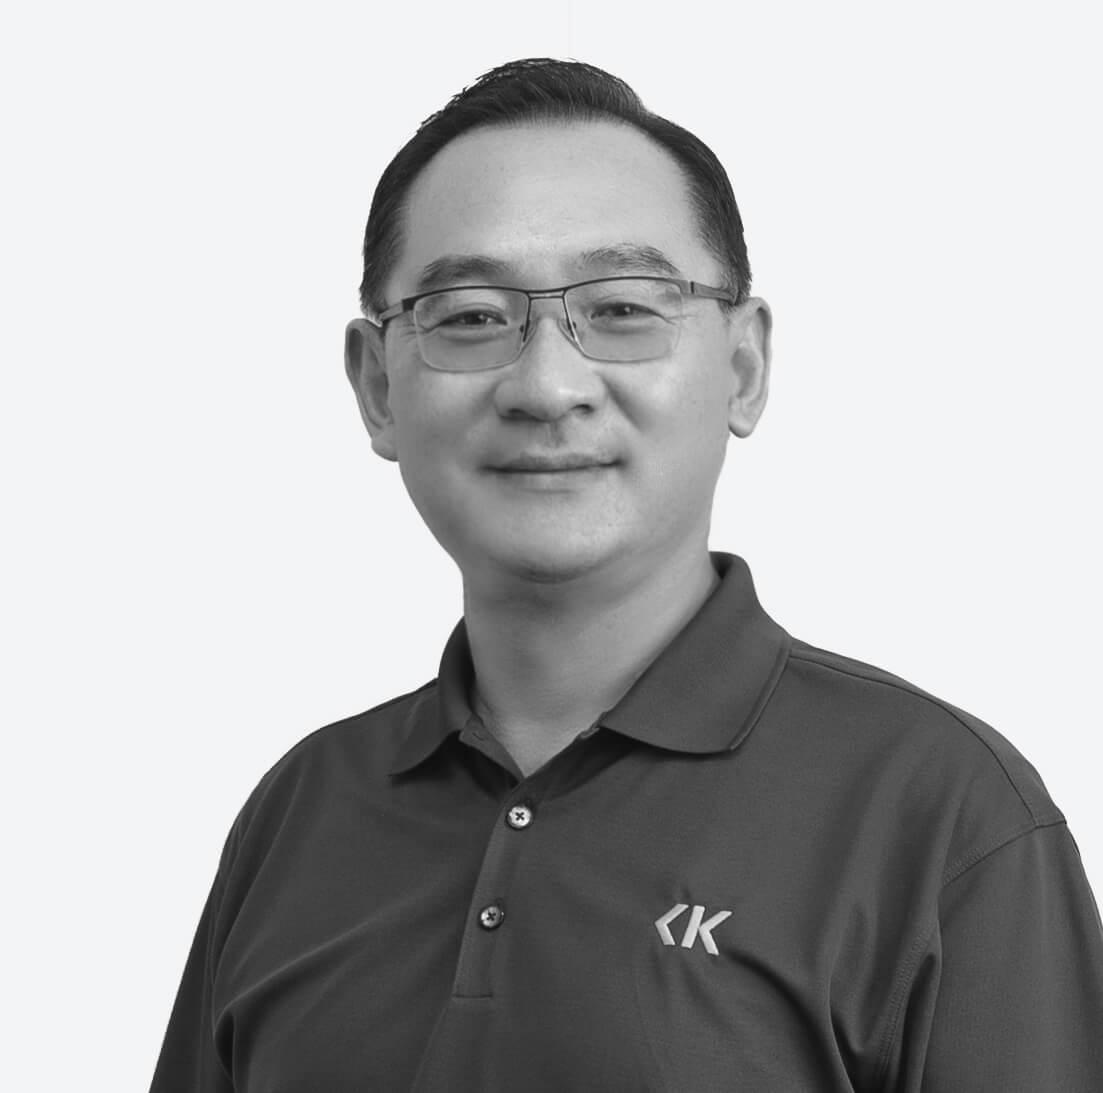 Joseph Nam